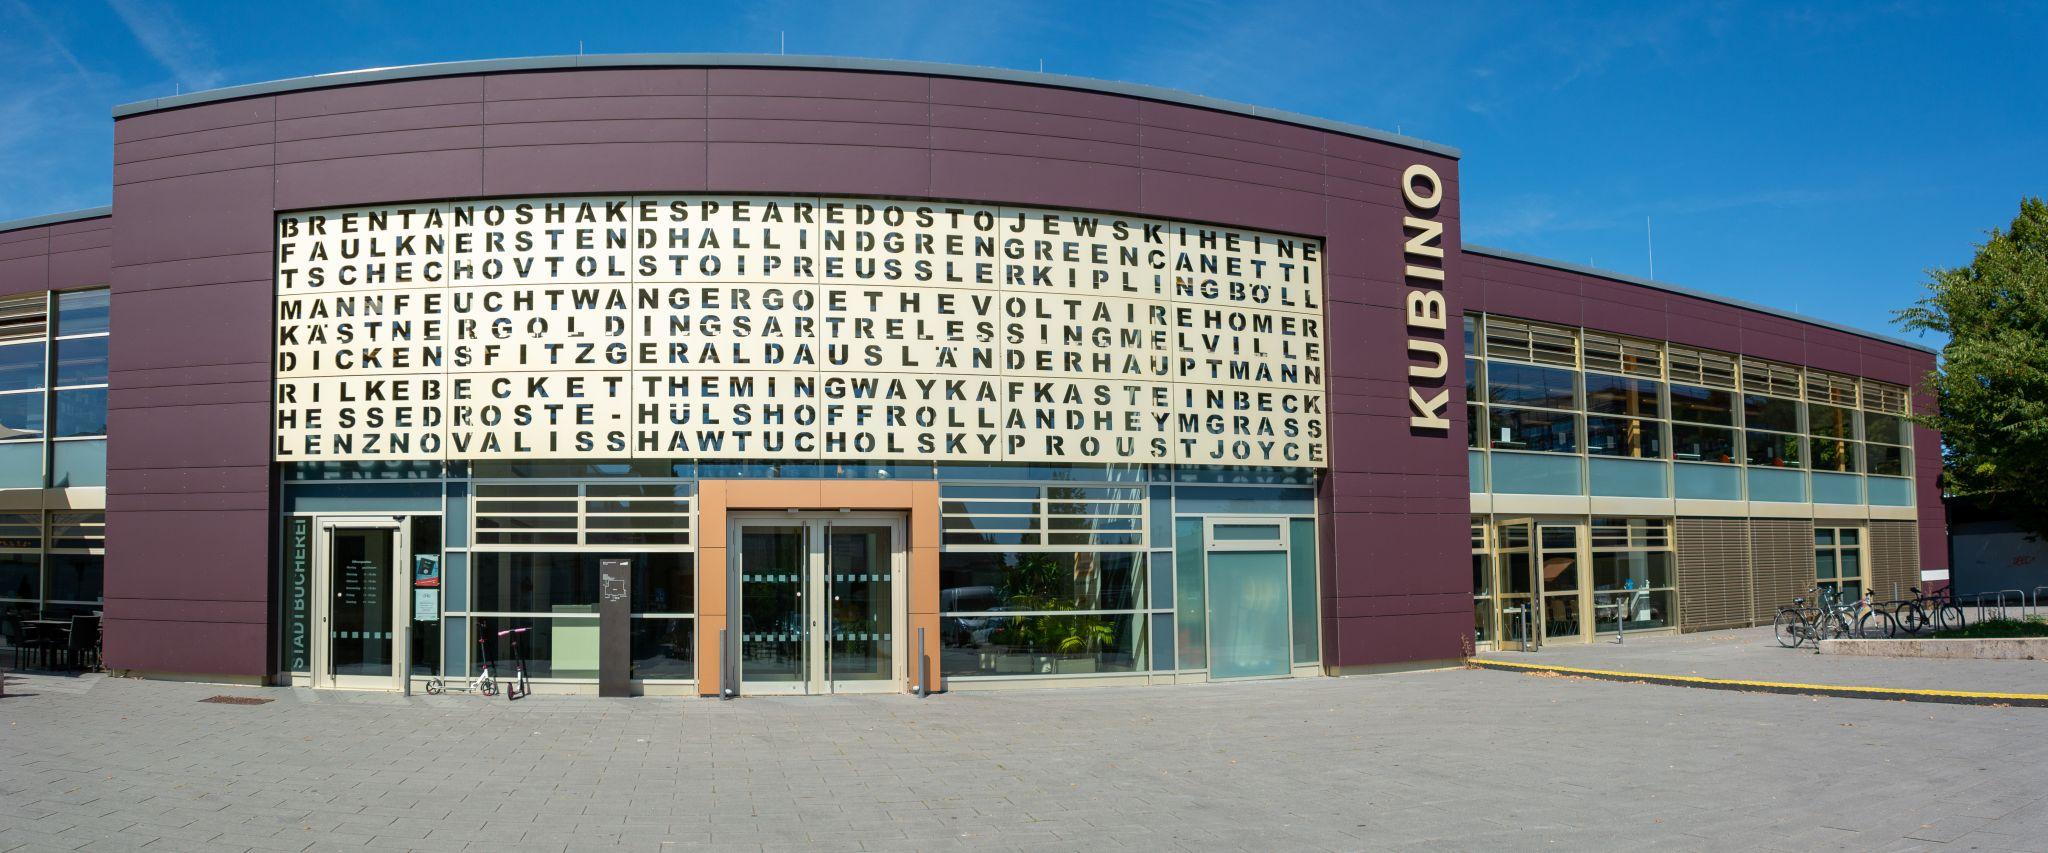 KuBinO, Kultur- und Bildungszentrum, Nellingen